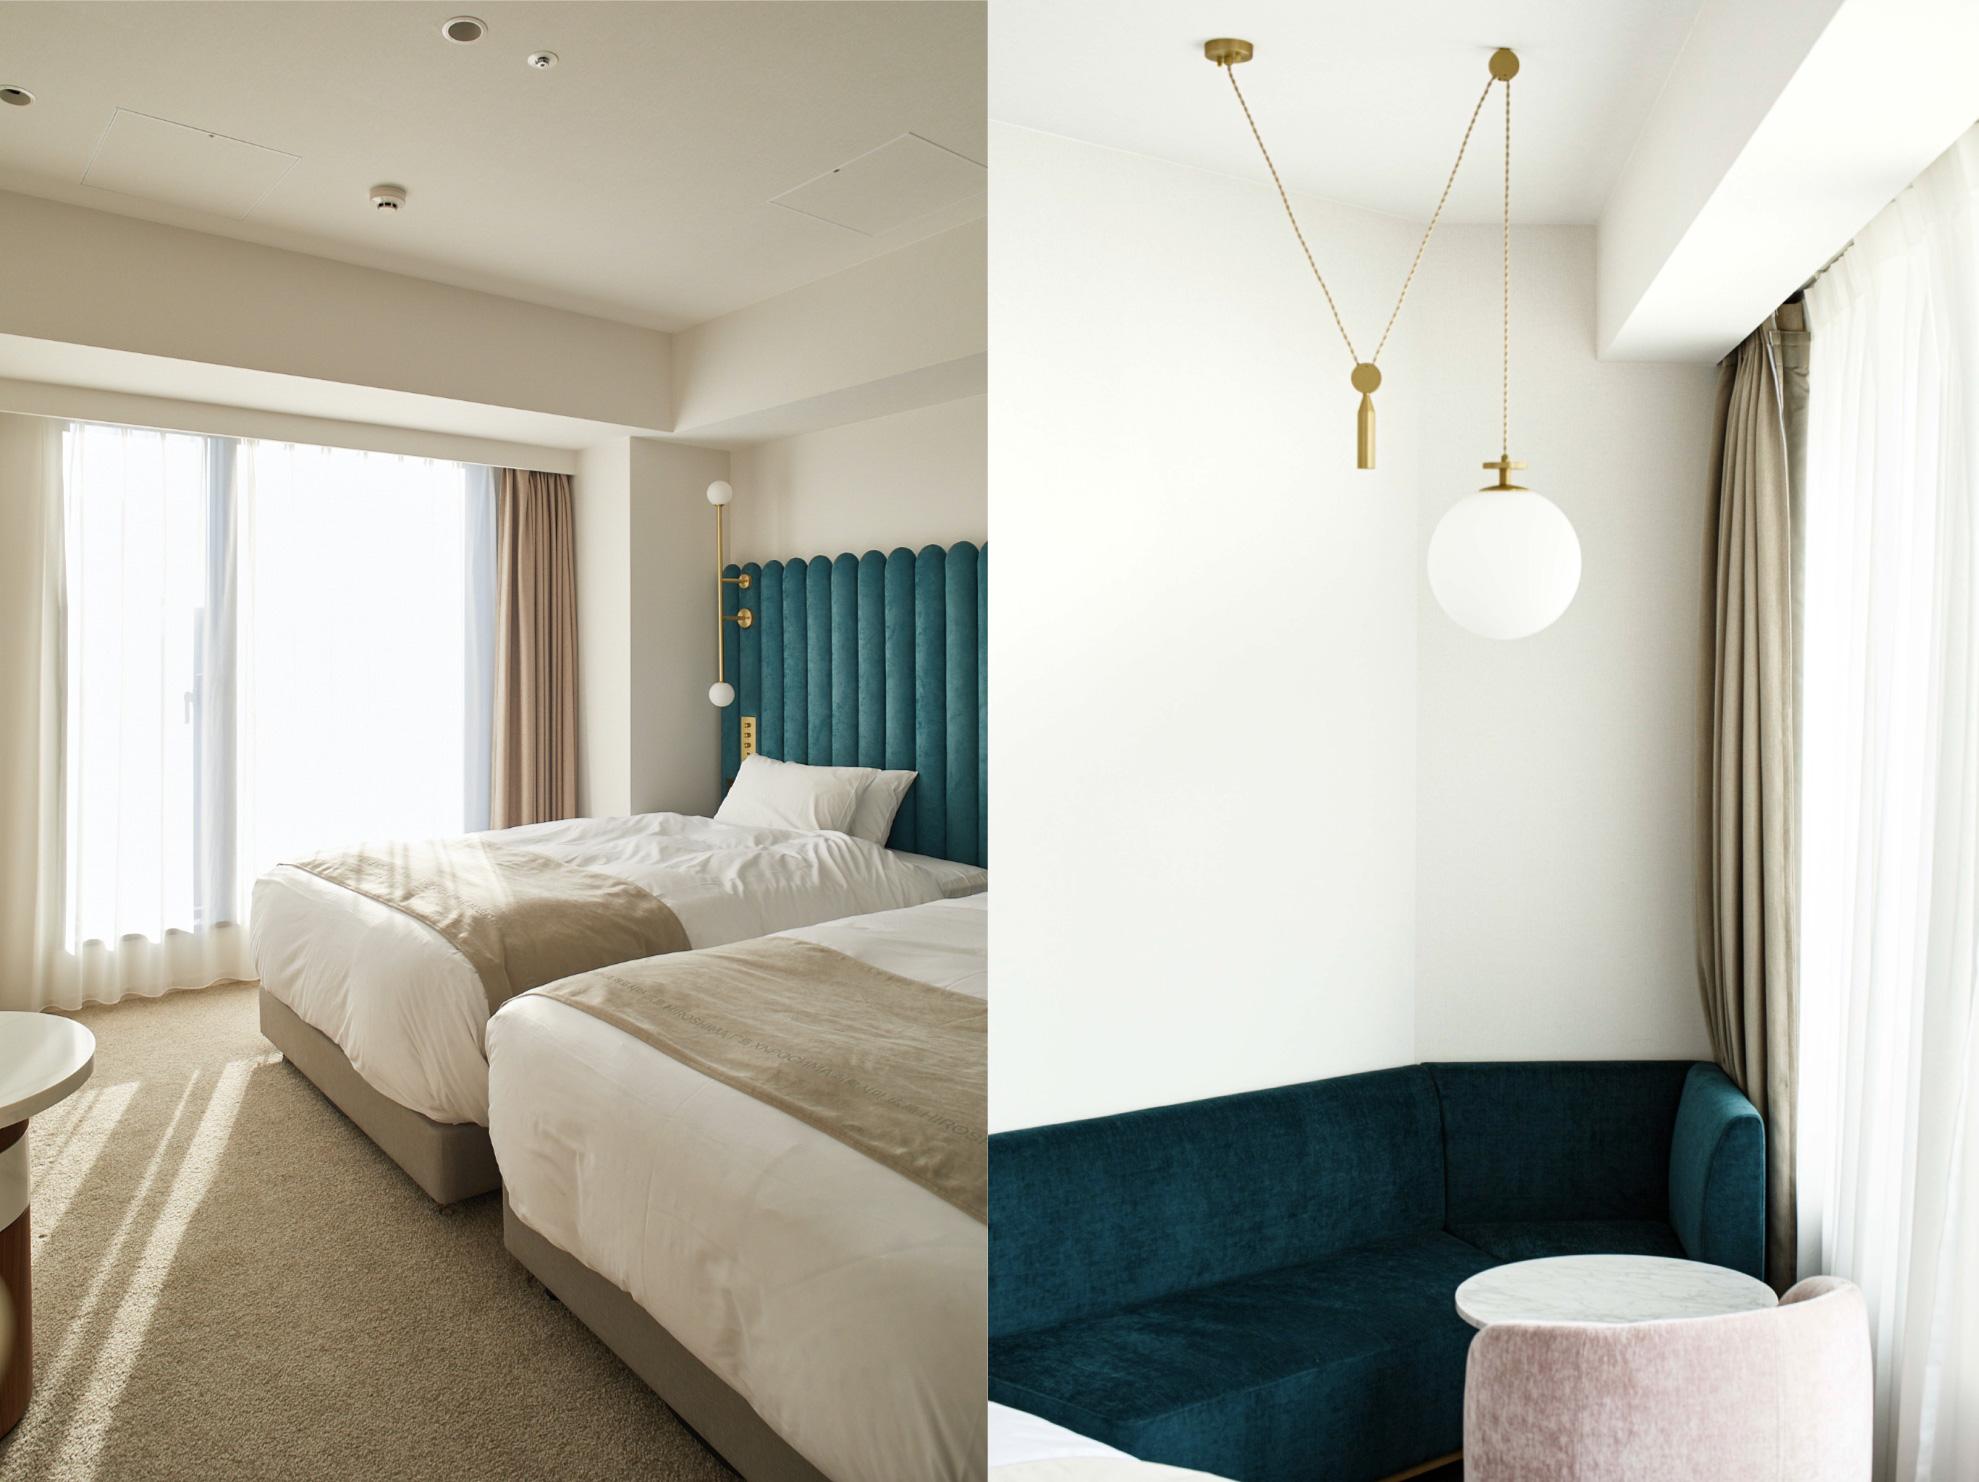 the-knot-hiroshima-hotel-%e5%ba%83%e5%b3%b6%e3%83%9b%e3%83%86%e3%83%ab-%e6%97%a5%e6%9c%ac%e6%97%85%e8%a1%8c11-2-2